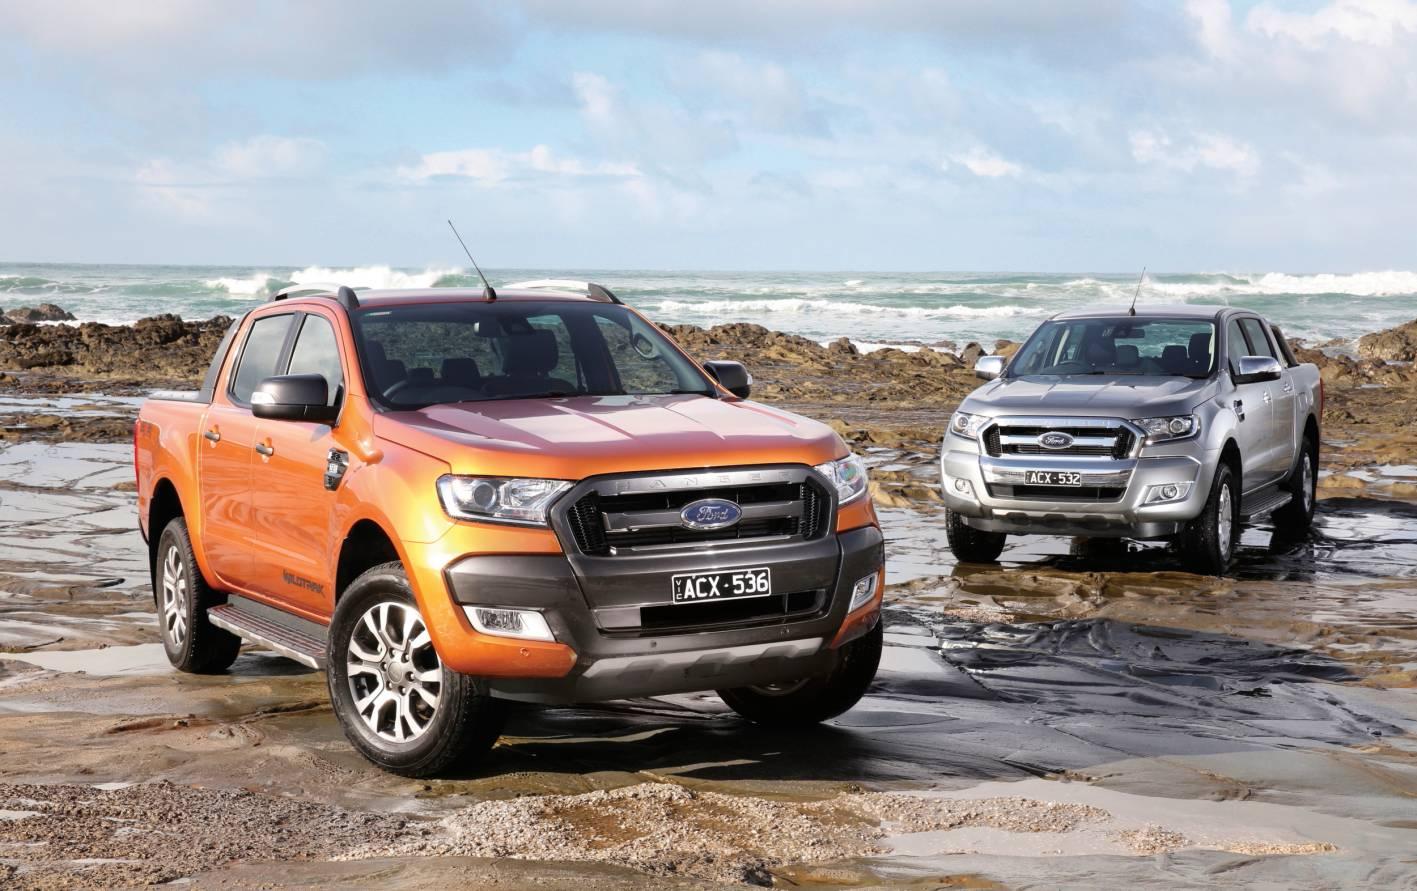 Ford ranger for sale in australia - Ford Ranger